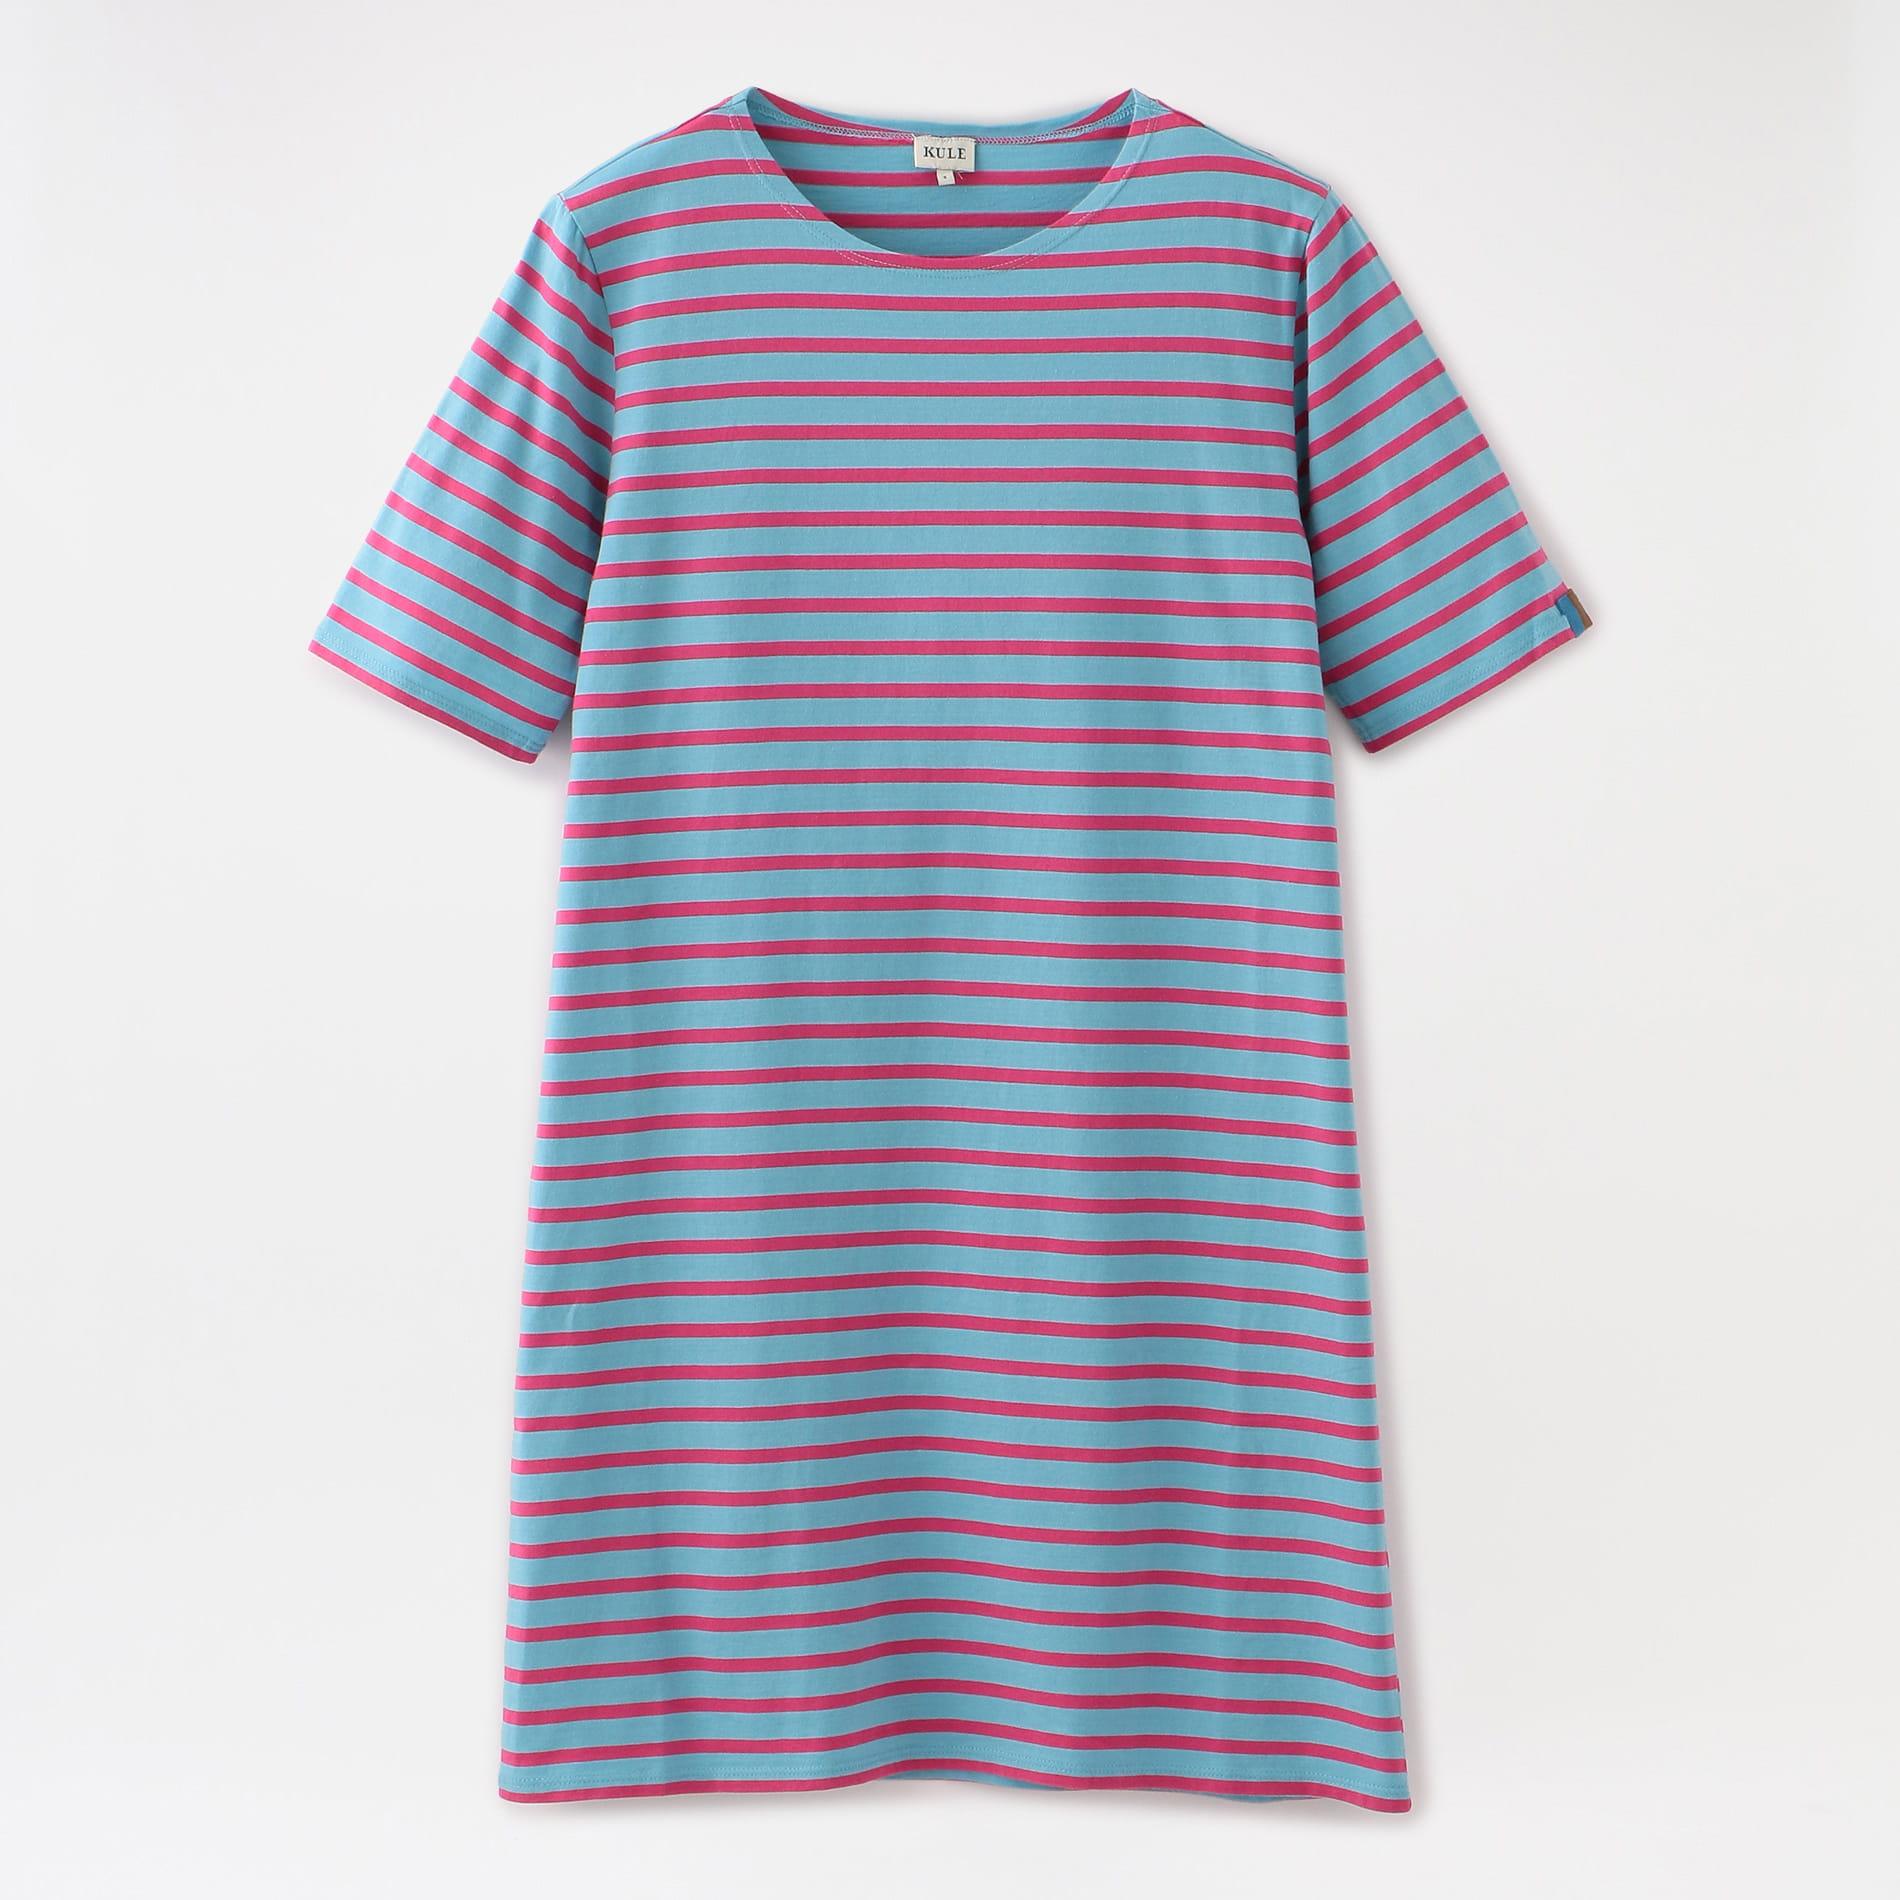 【KULE】WOMEN ワンピース The tee dress 748-14350